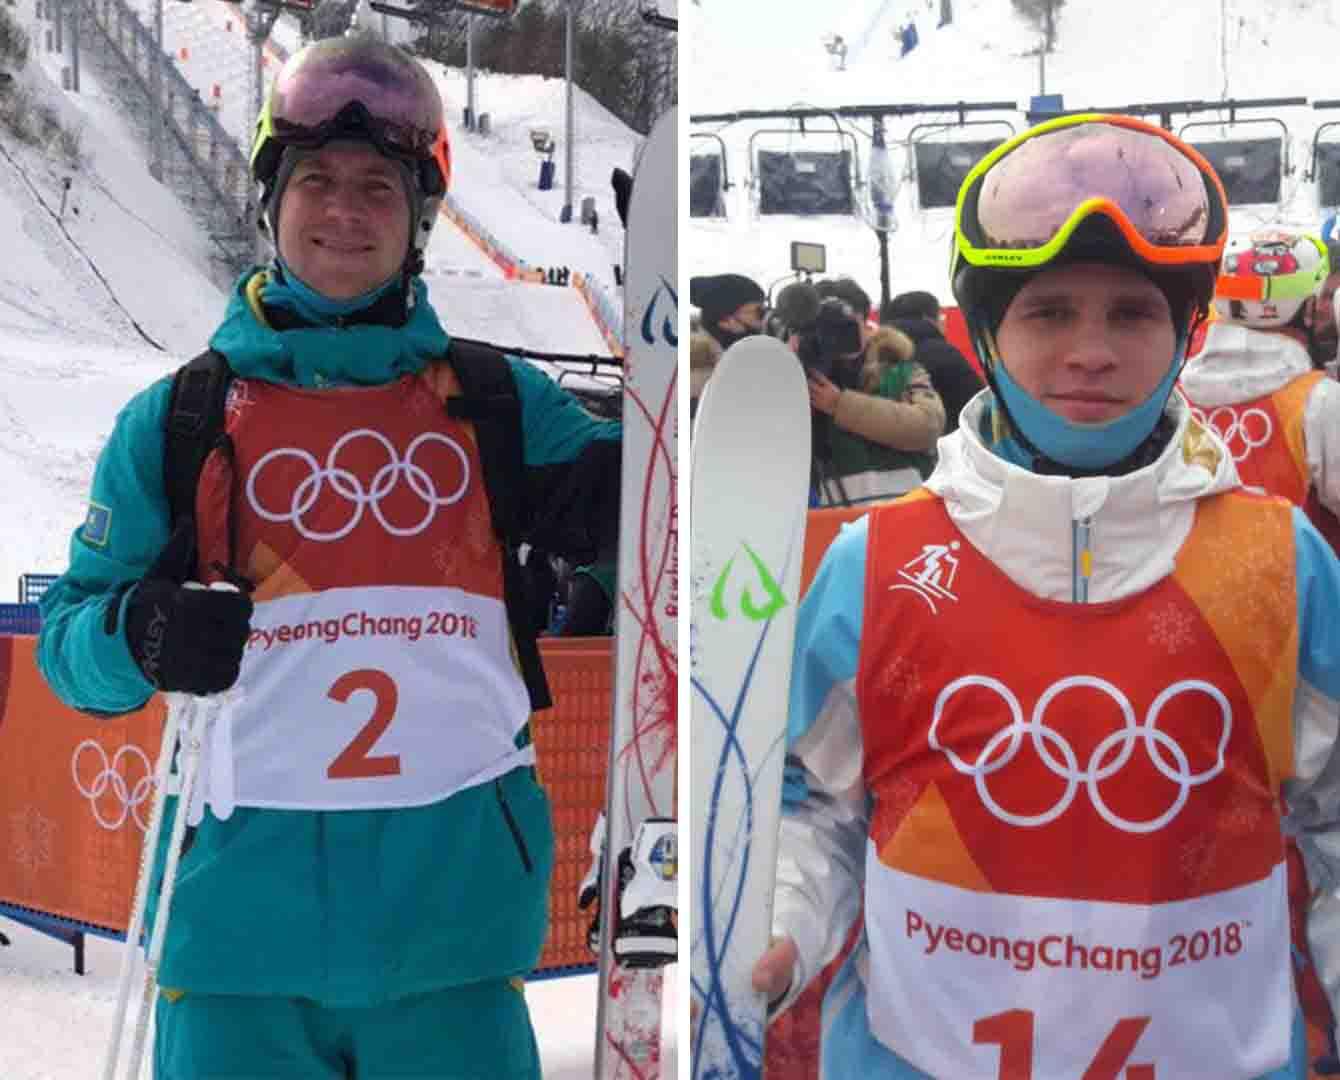 我国两名运动员晋级男子自由式滑雪雪上技巧决赛圈